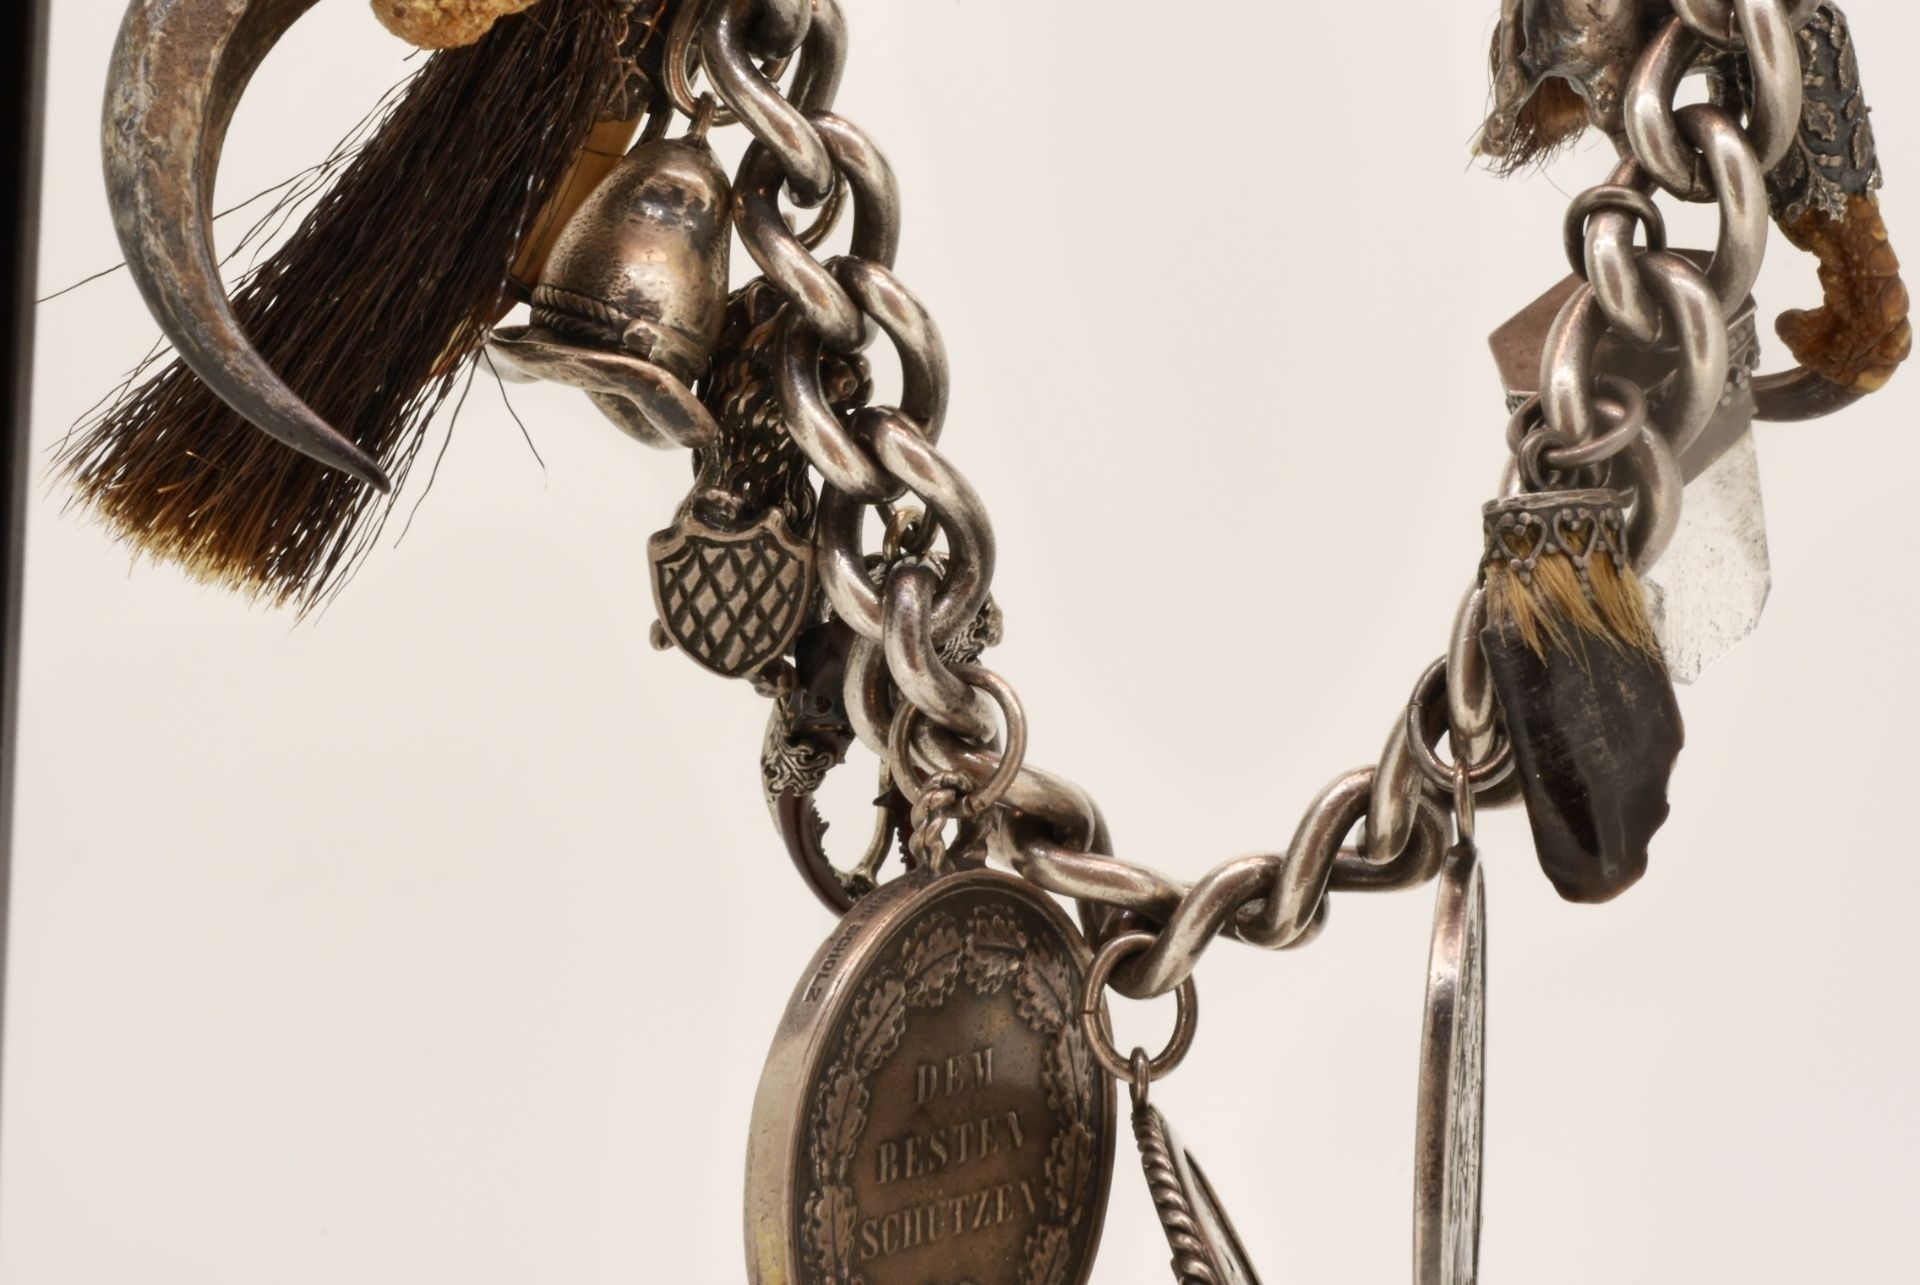 Tracht: Scharivari Silber 800, 835 und 925, 19 Anhänger, 323 Gramm - Bild 4 aus 4